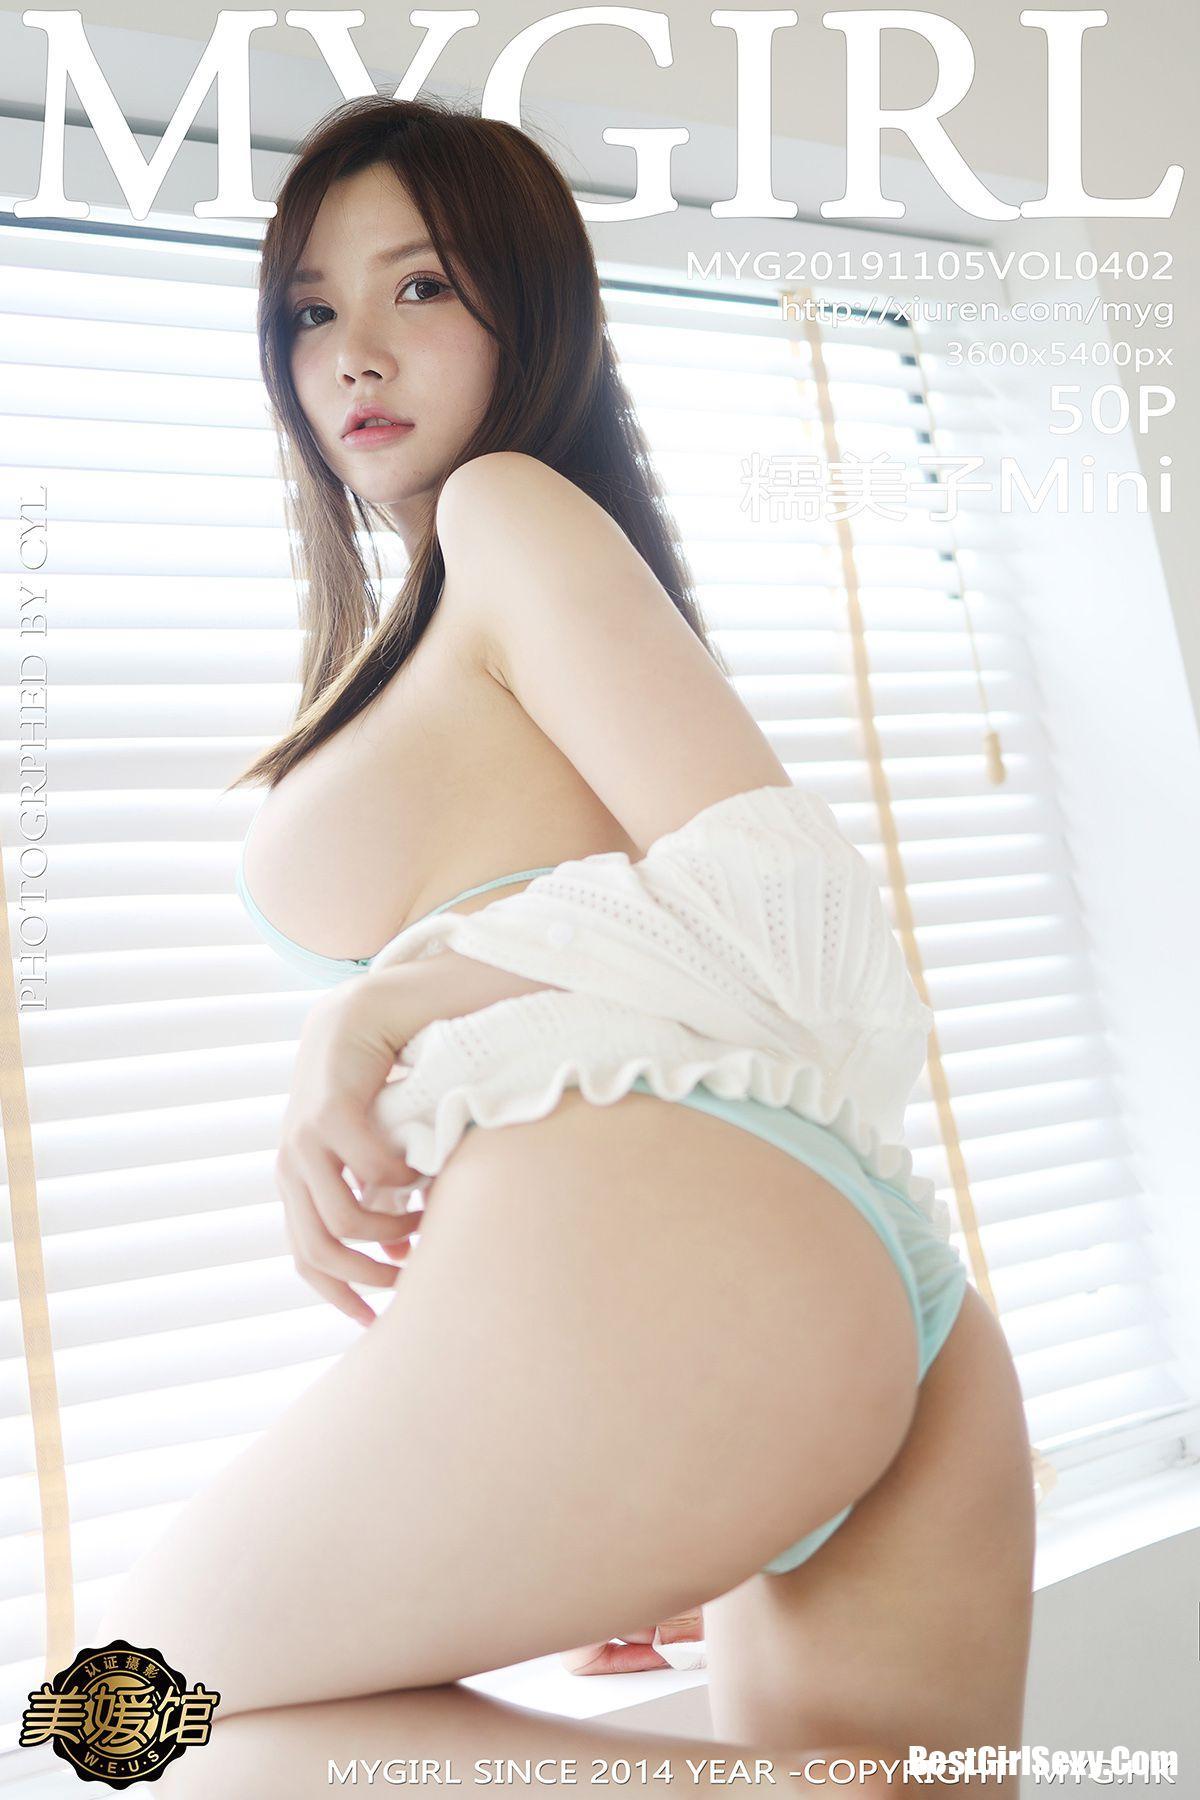 MyGirl Vol.402 Mi Ni Da Meng Meng